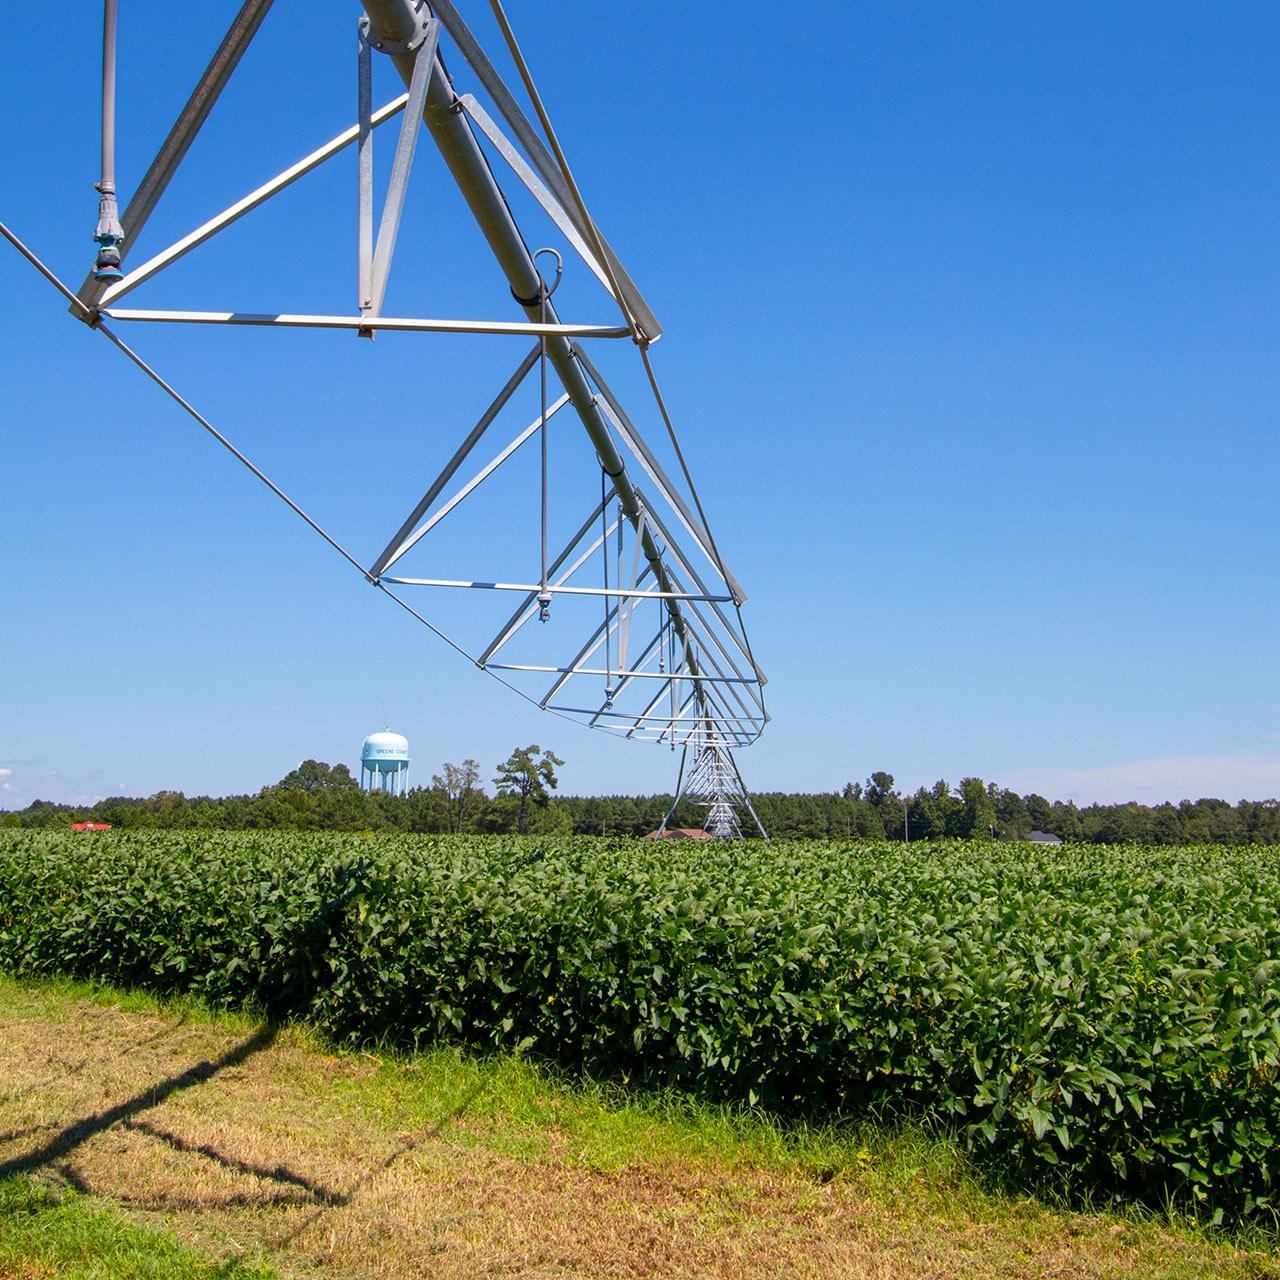 Systeme D Irrigation Dans Un Champ